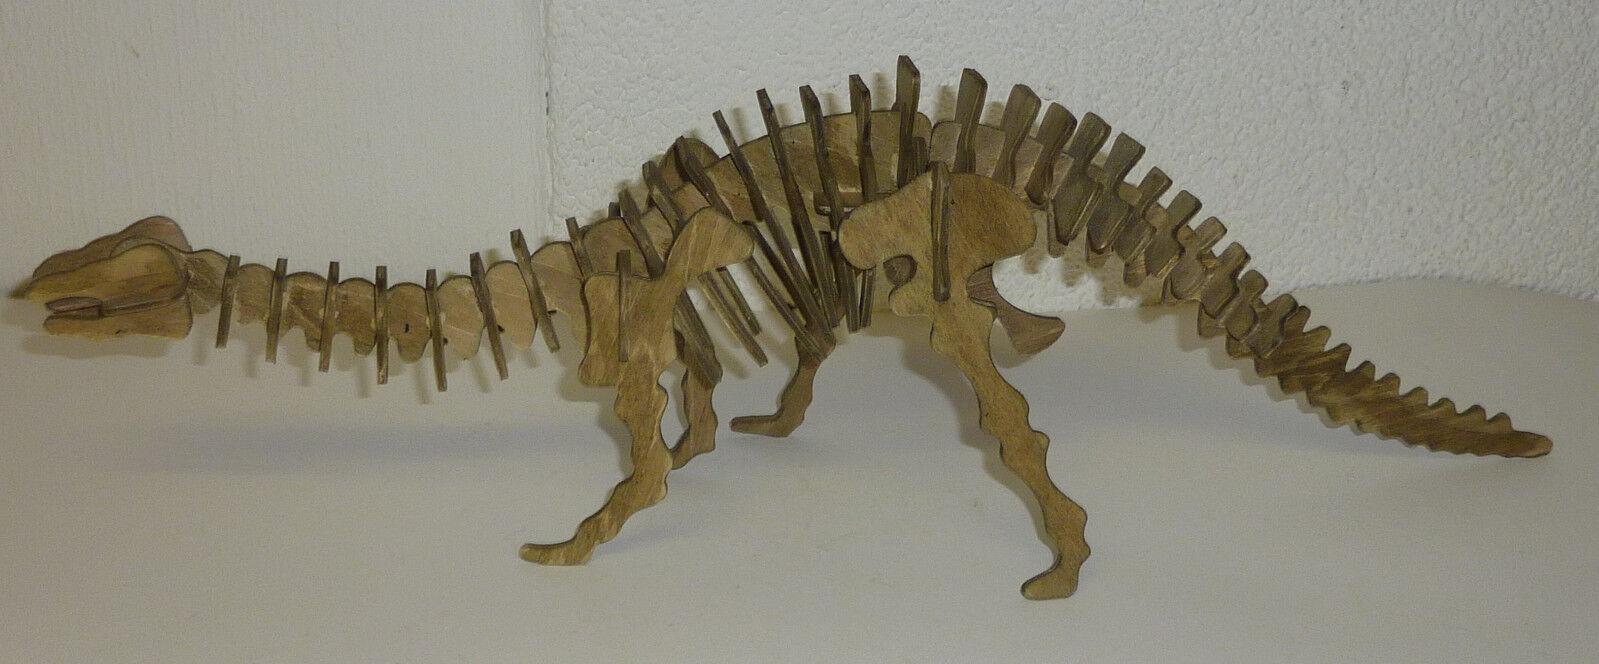 Dinosaurier aus Holz gefertigt & handbemalt Breite 50 50 50 cm Modell Spielzeug b129af